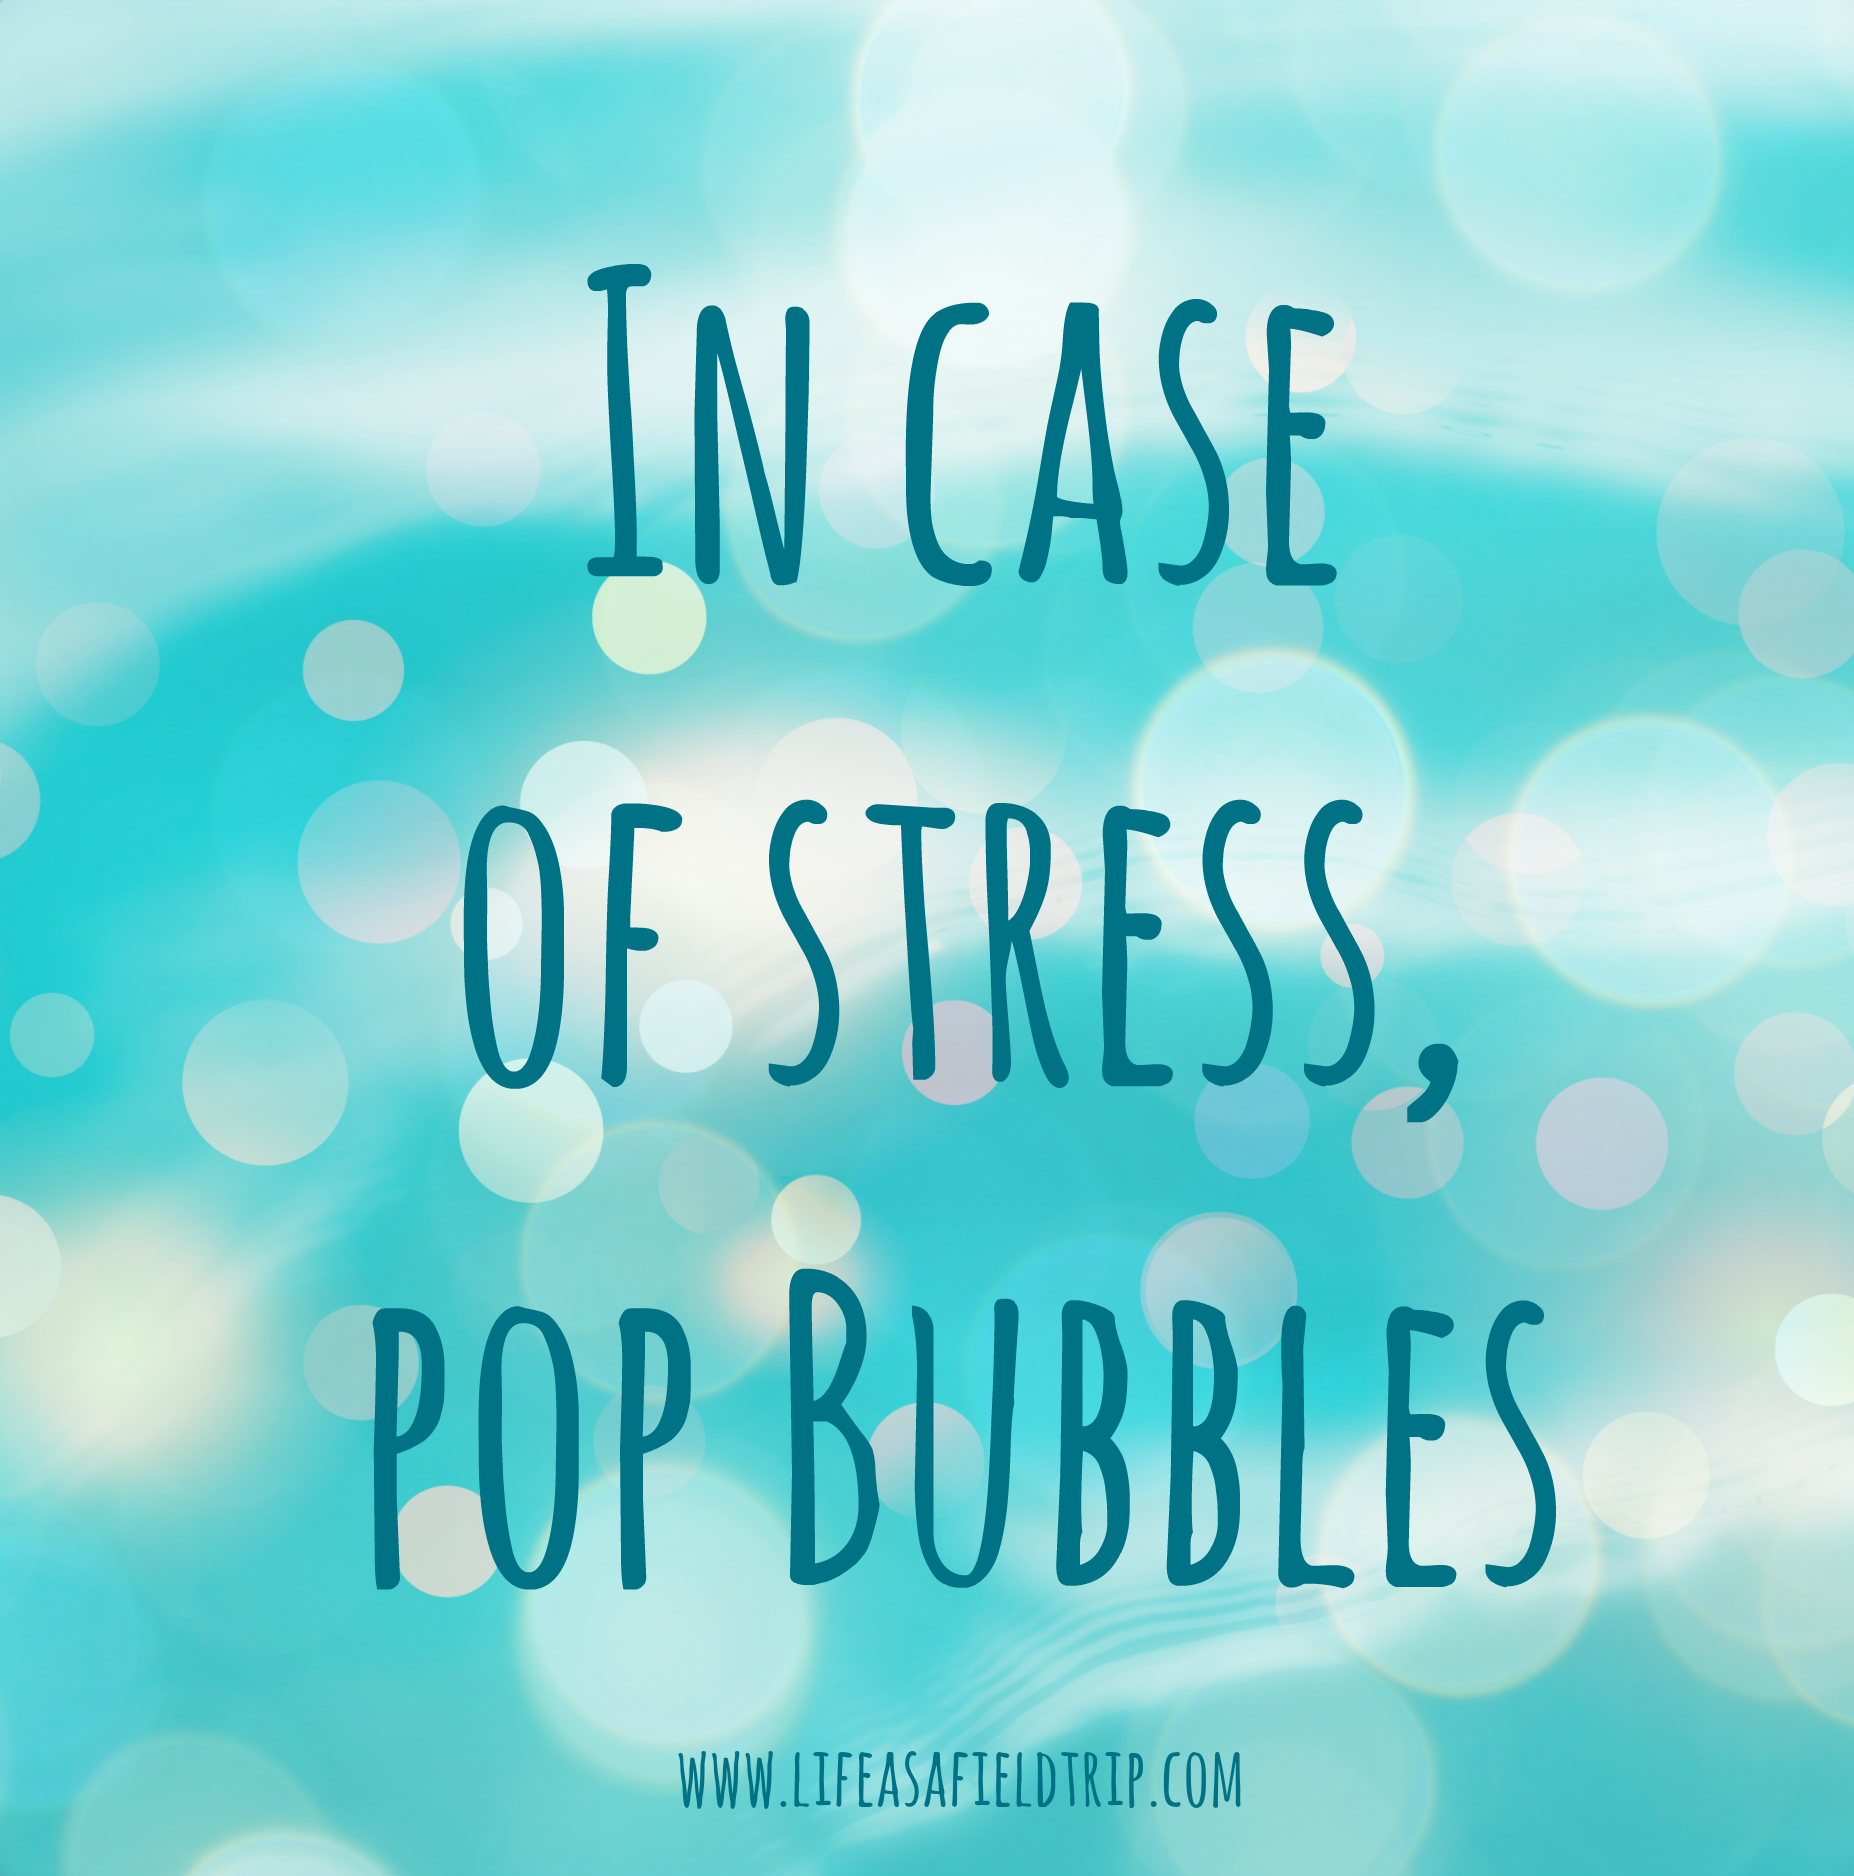 In case of emergency pop bubbles